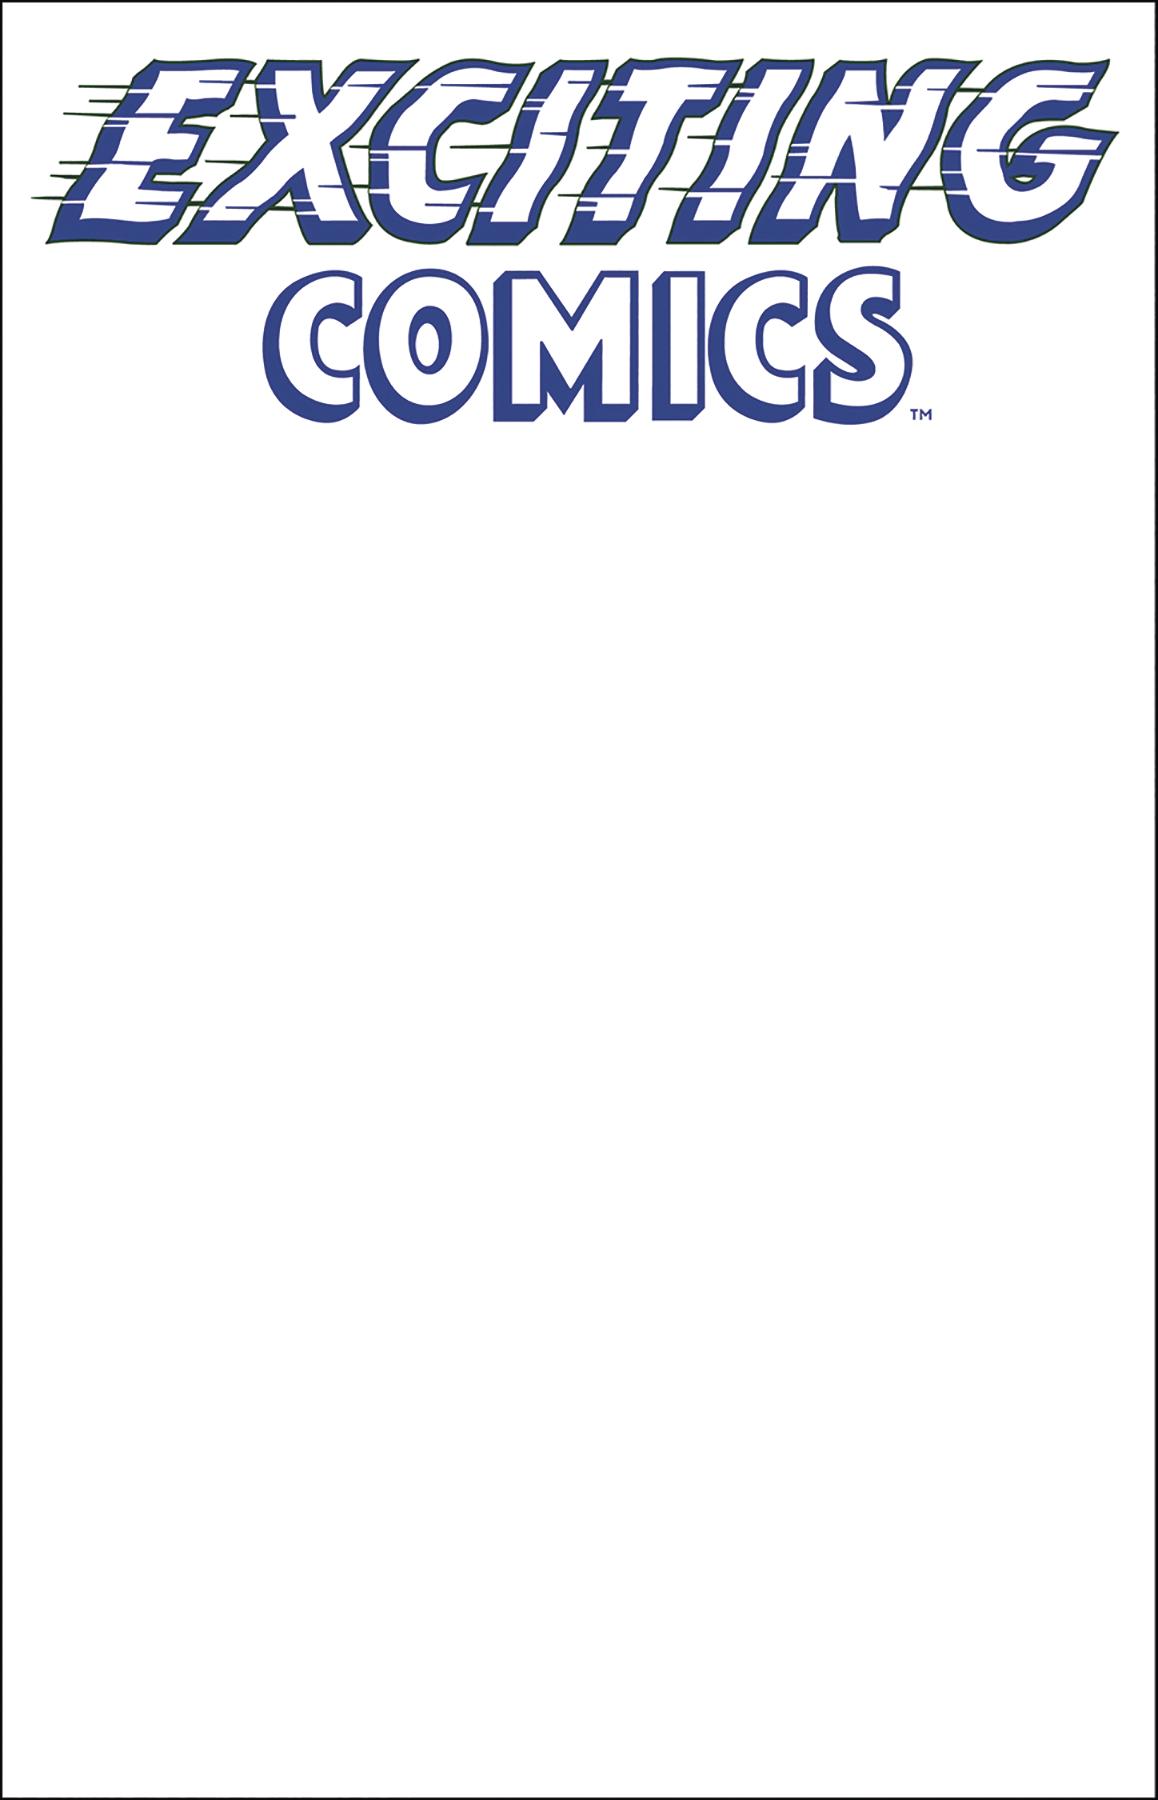 EXCITING COMICS #1 SKETCH VAR CVR (MR)